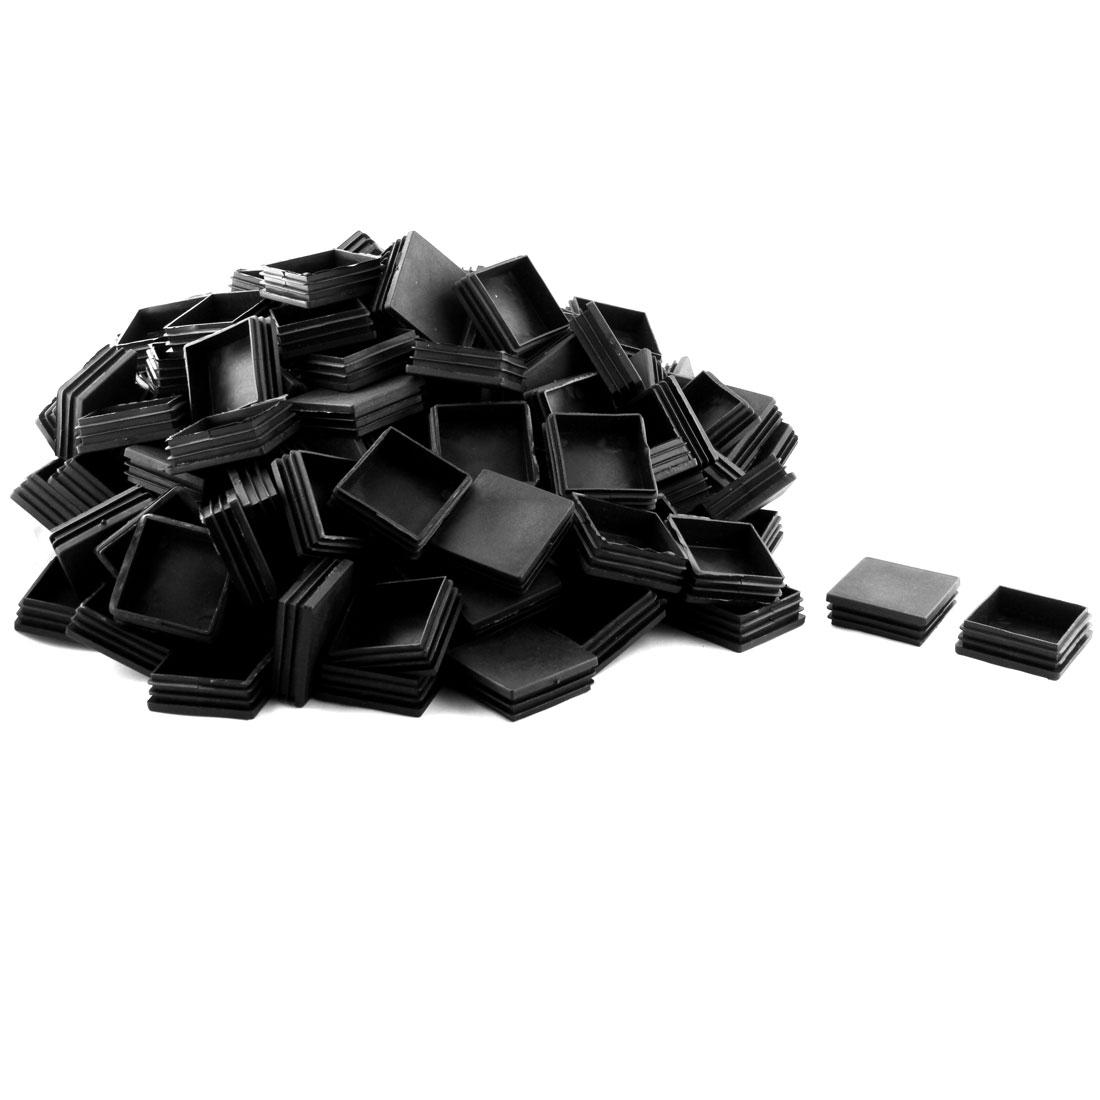 Furniture Desk Chair Leg Plastic Square Tube Insert Caps Black 60 x 60mm 145 Pcs